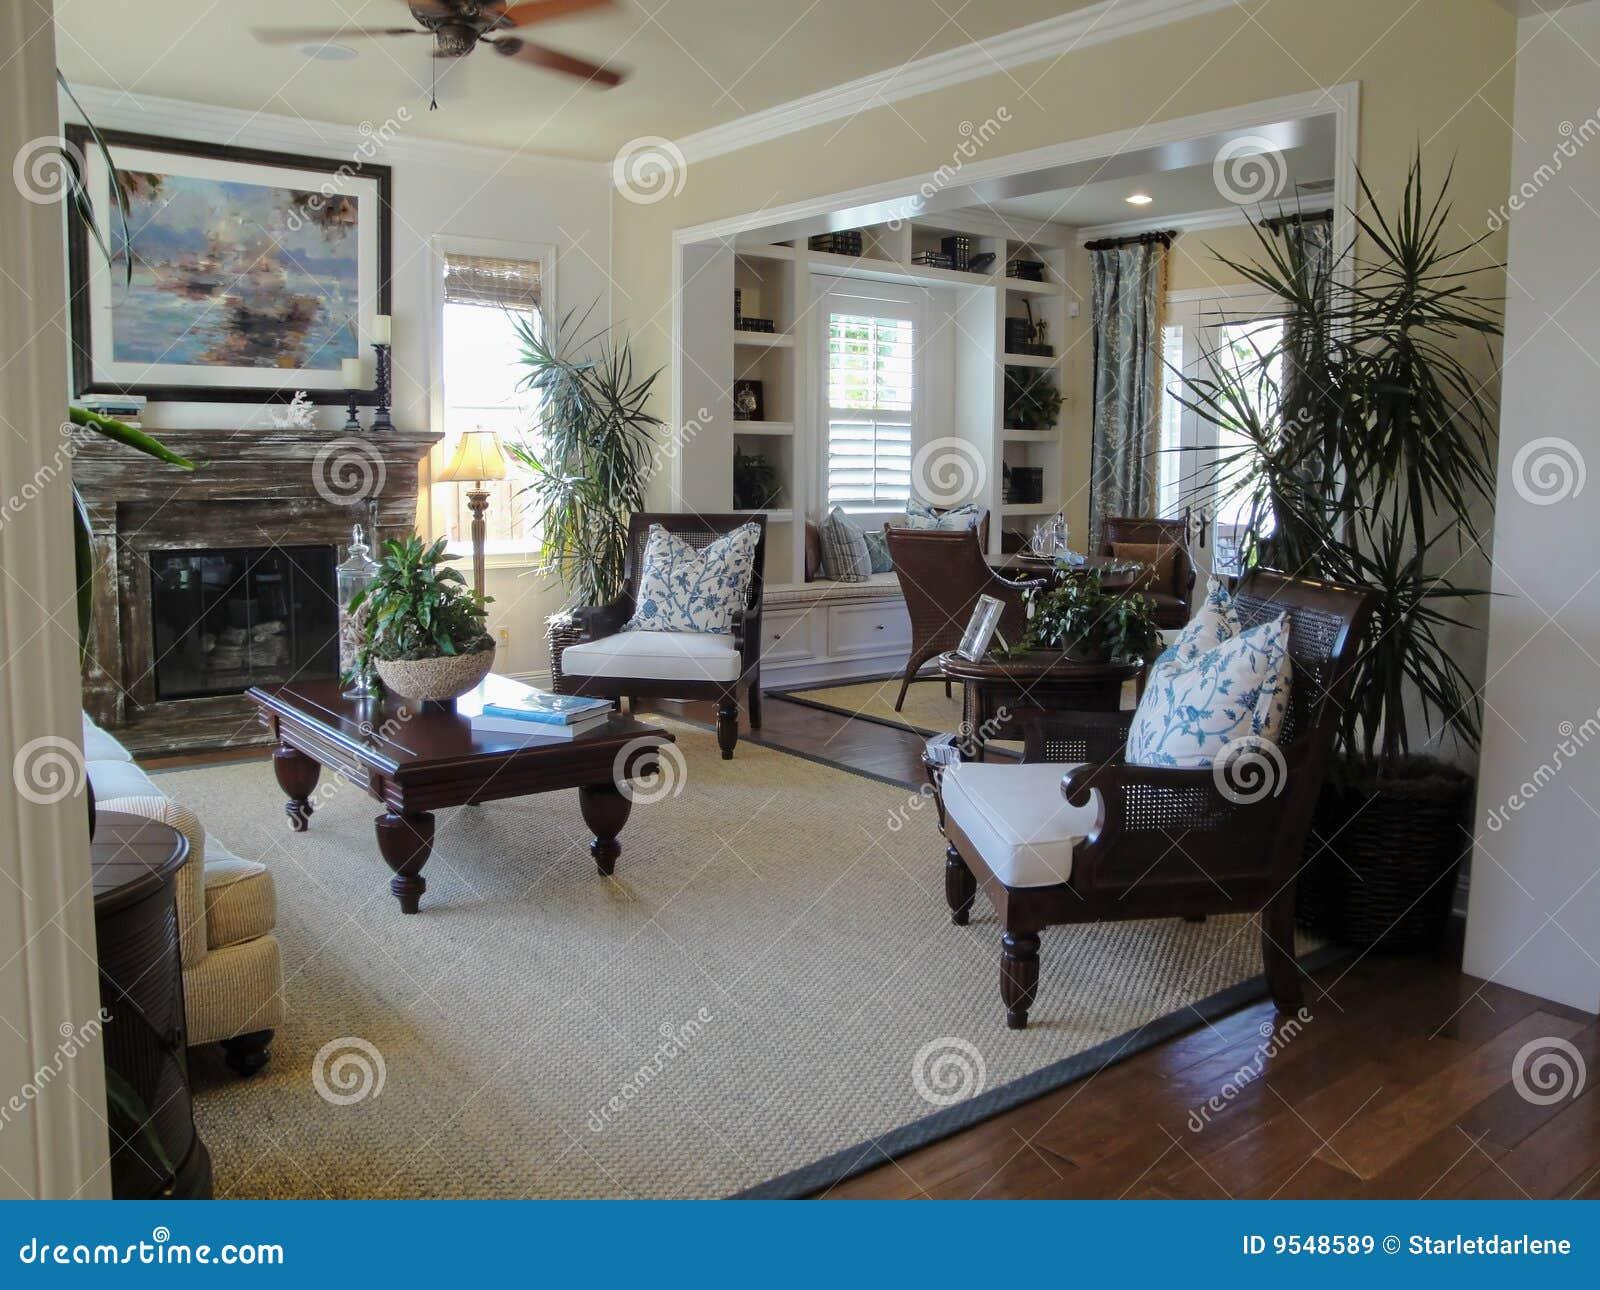 schönes wohnzimmer lizenzfreie stockbilder - bild: 9548589, Wohnzimmer